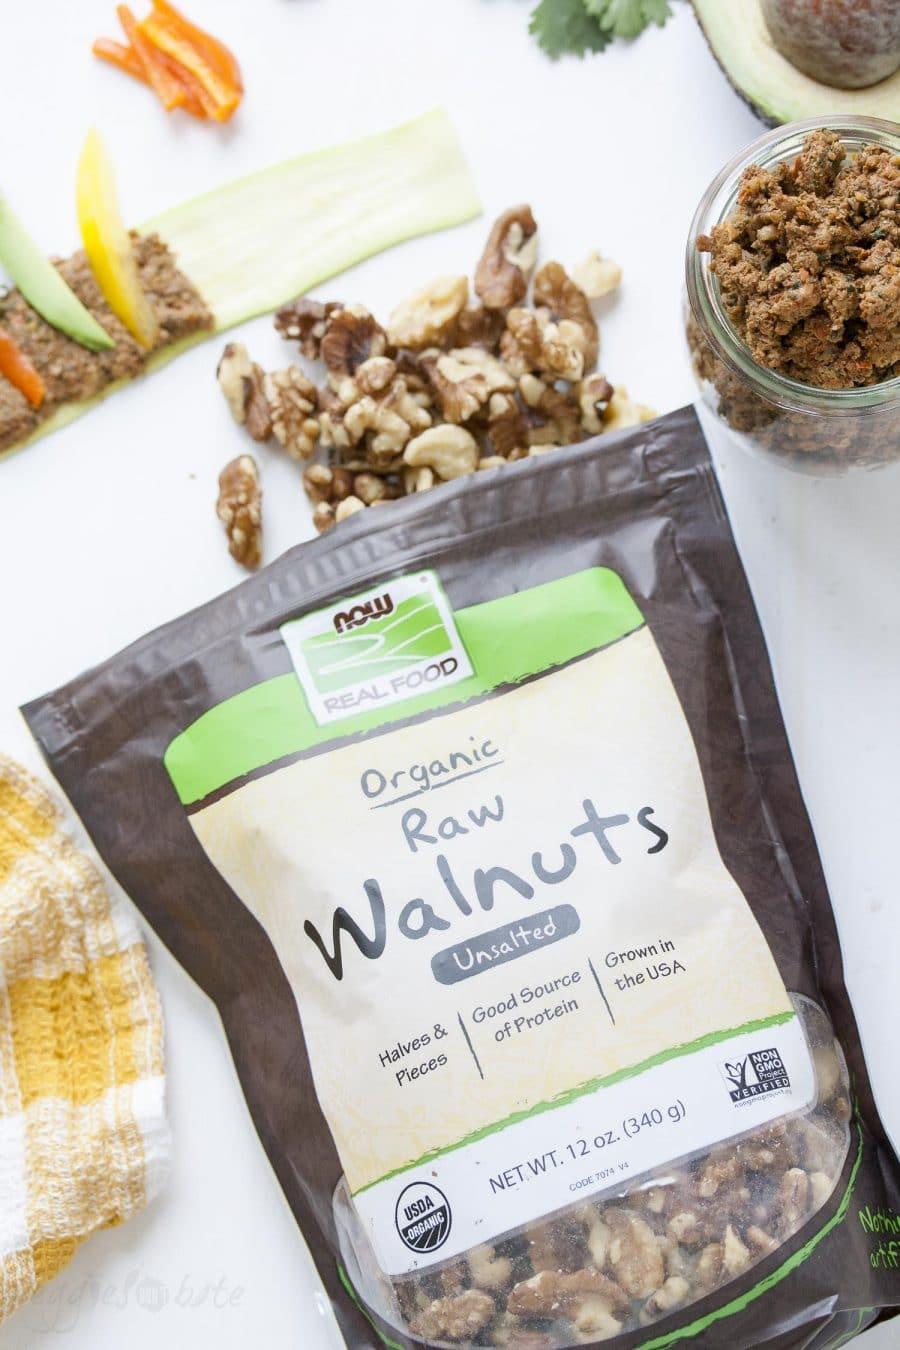 NOW Foods raw walnuts